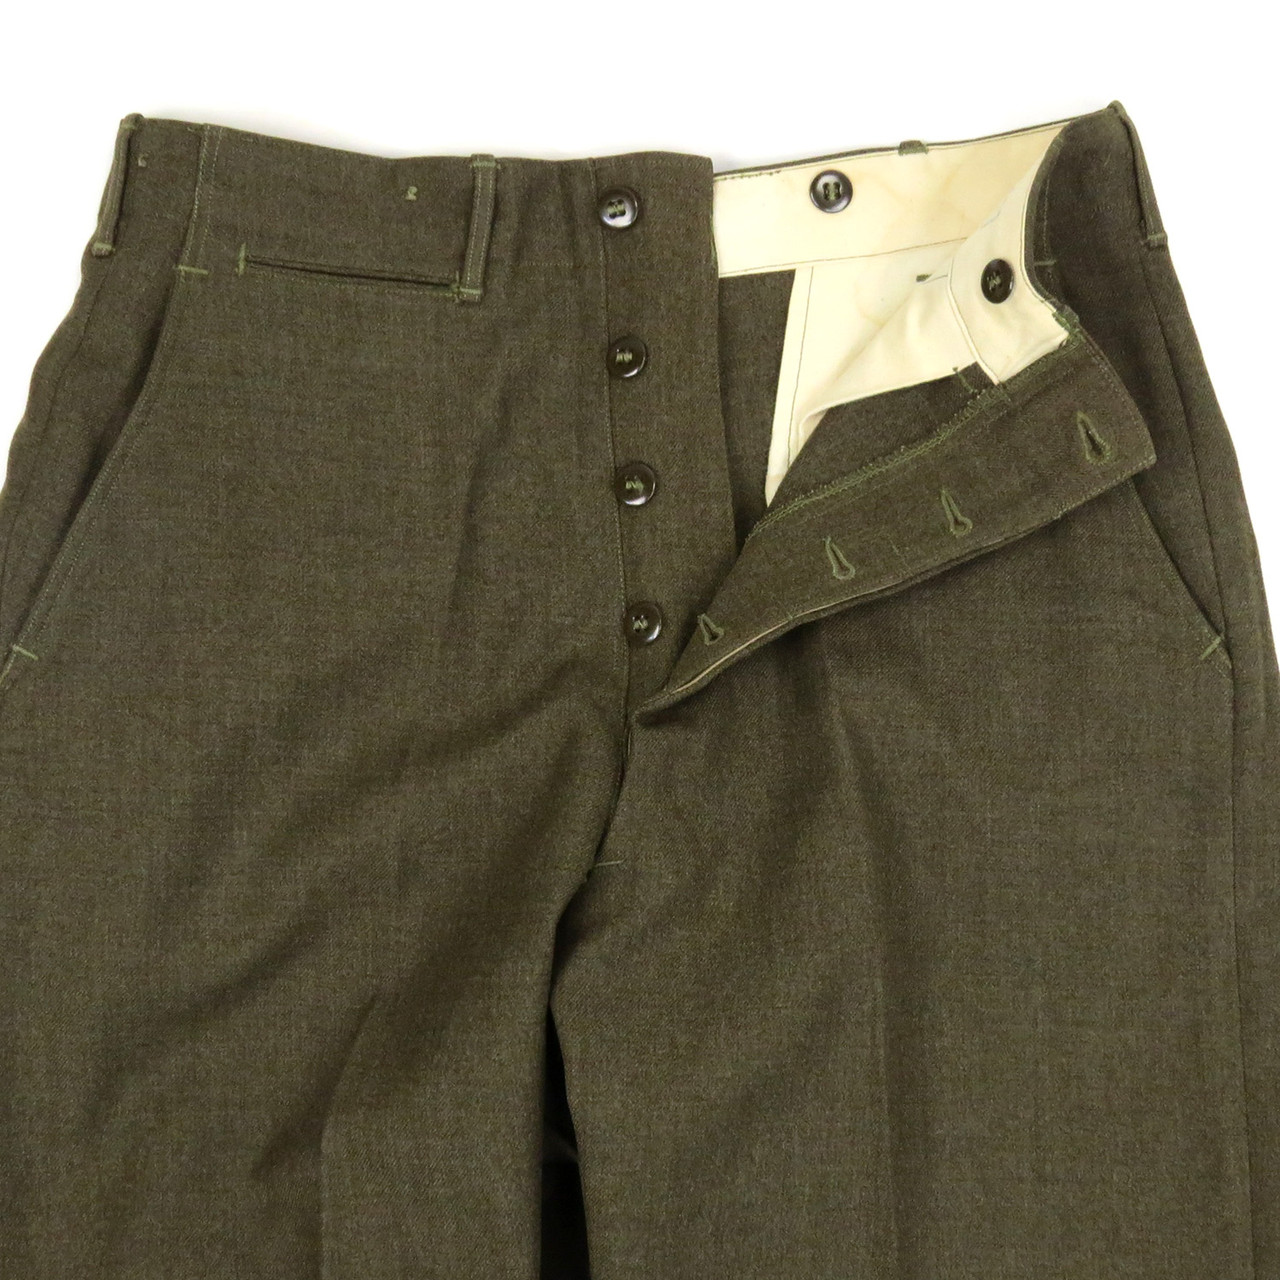 WWII GI Trousers